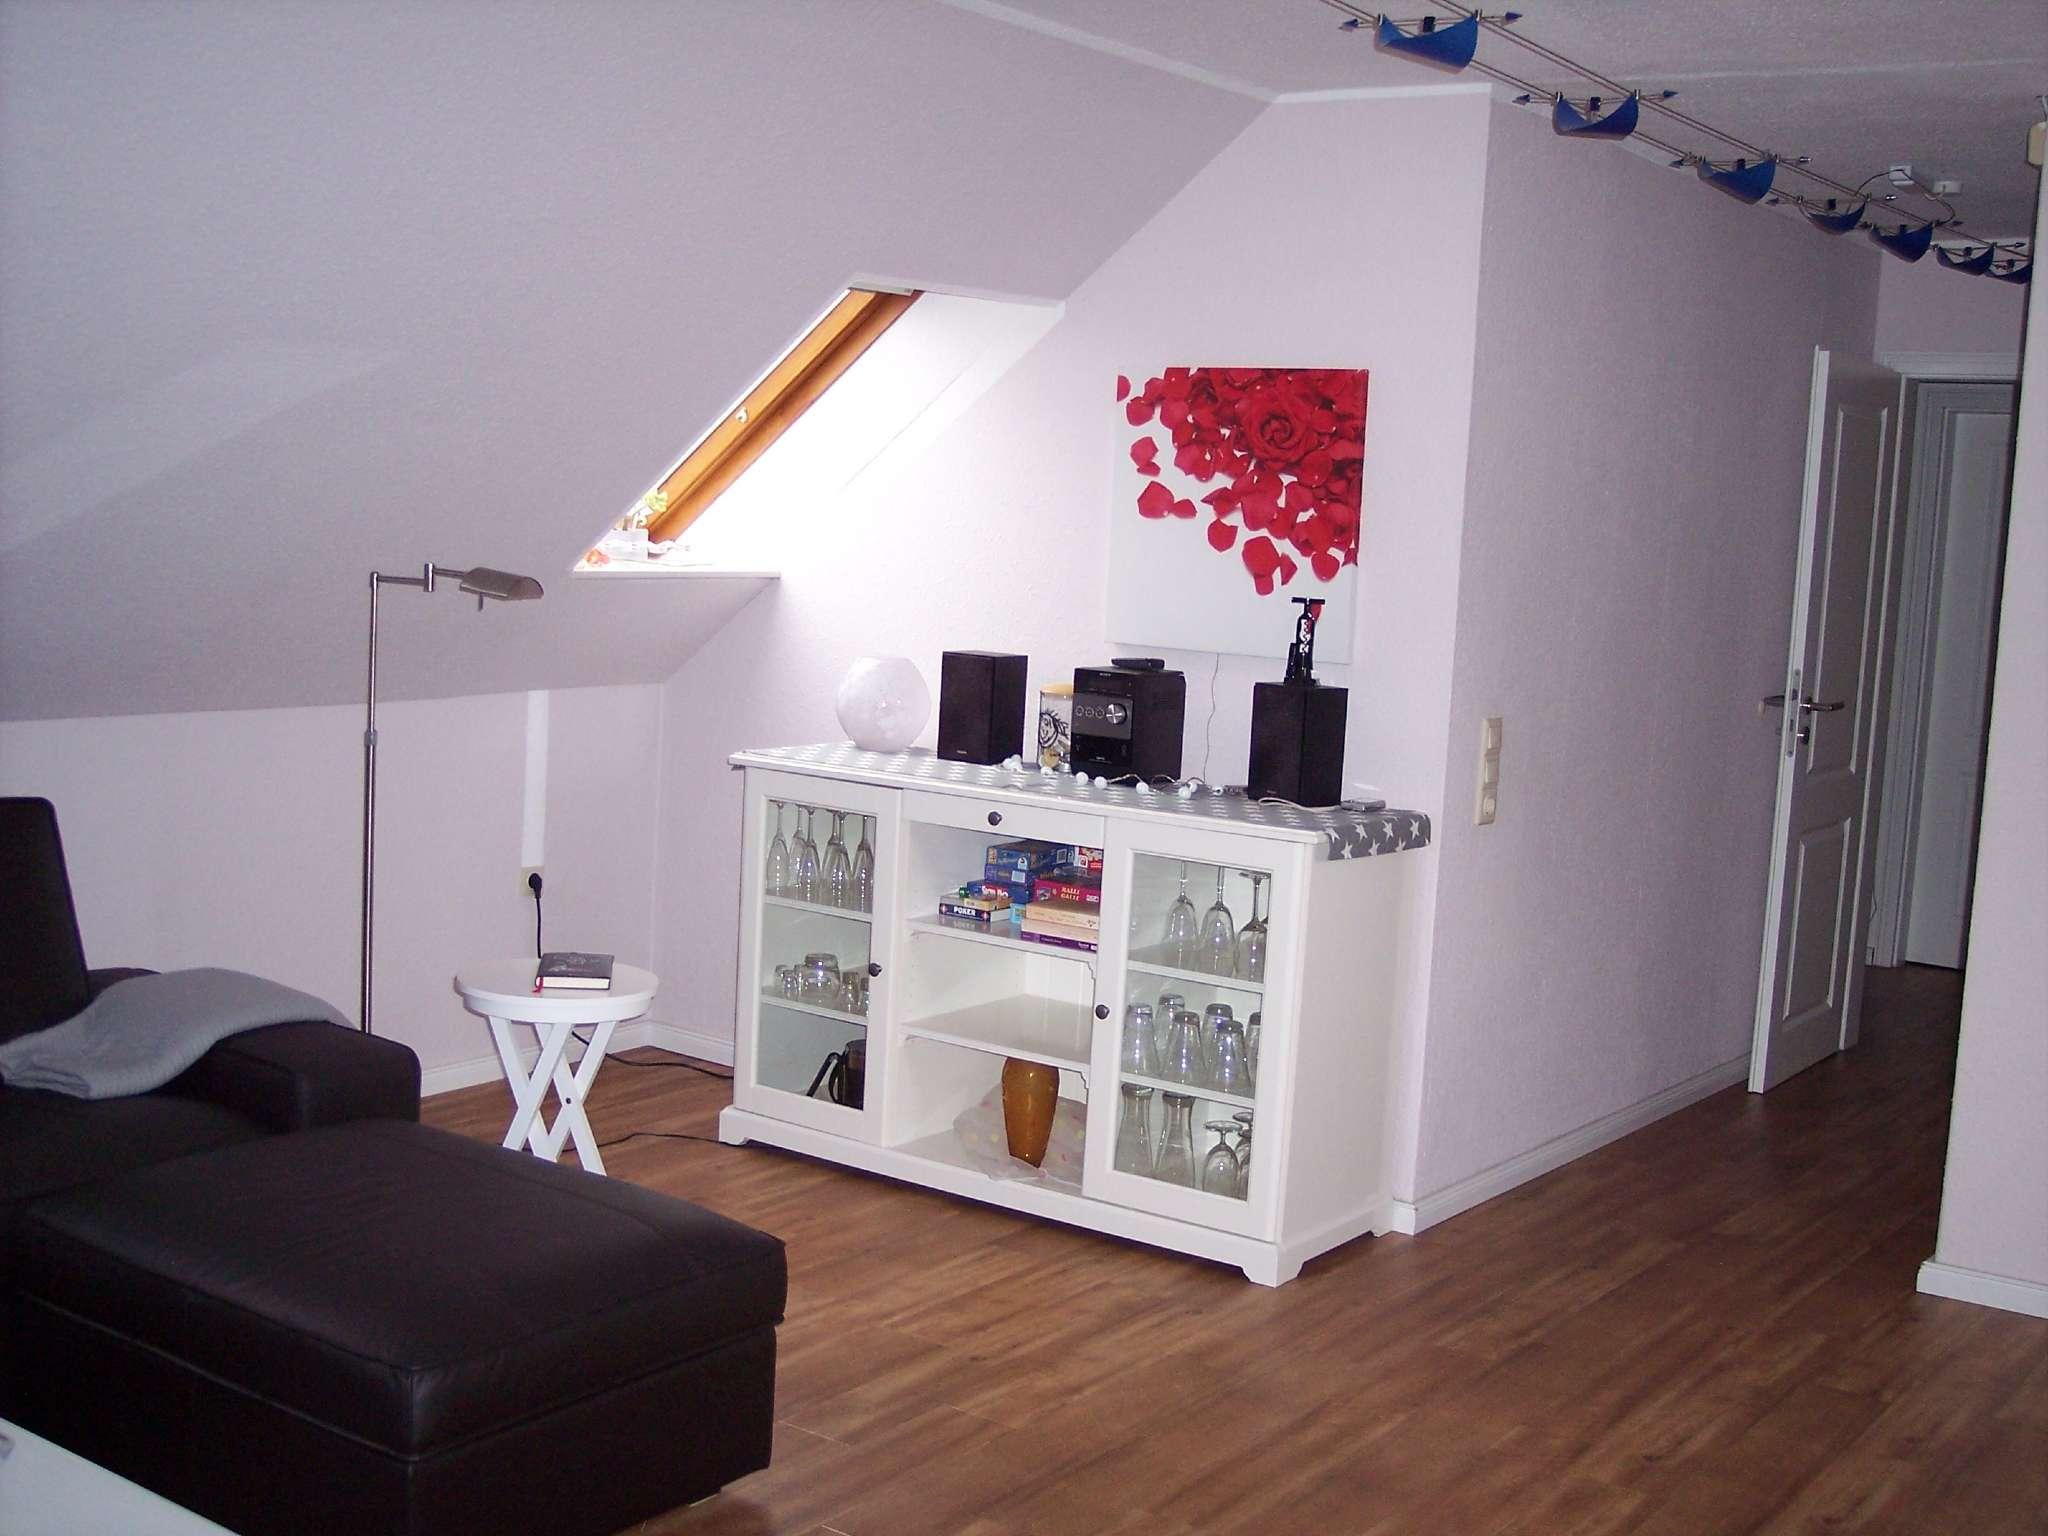 Wohnzimmer mit Micro-Kompakt-Anlage